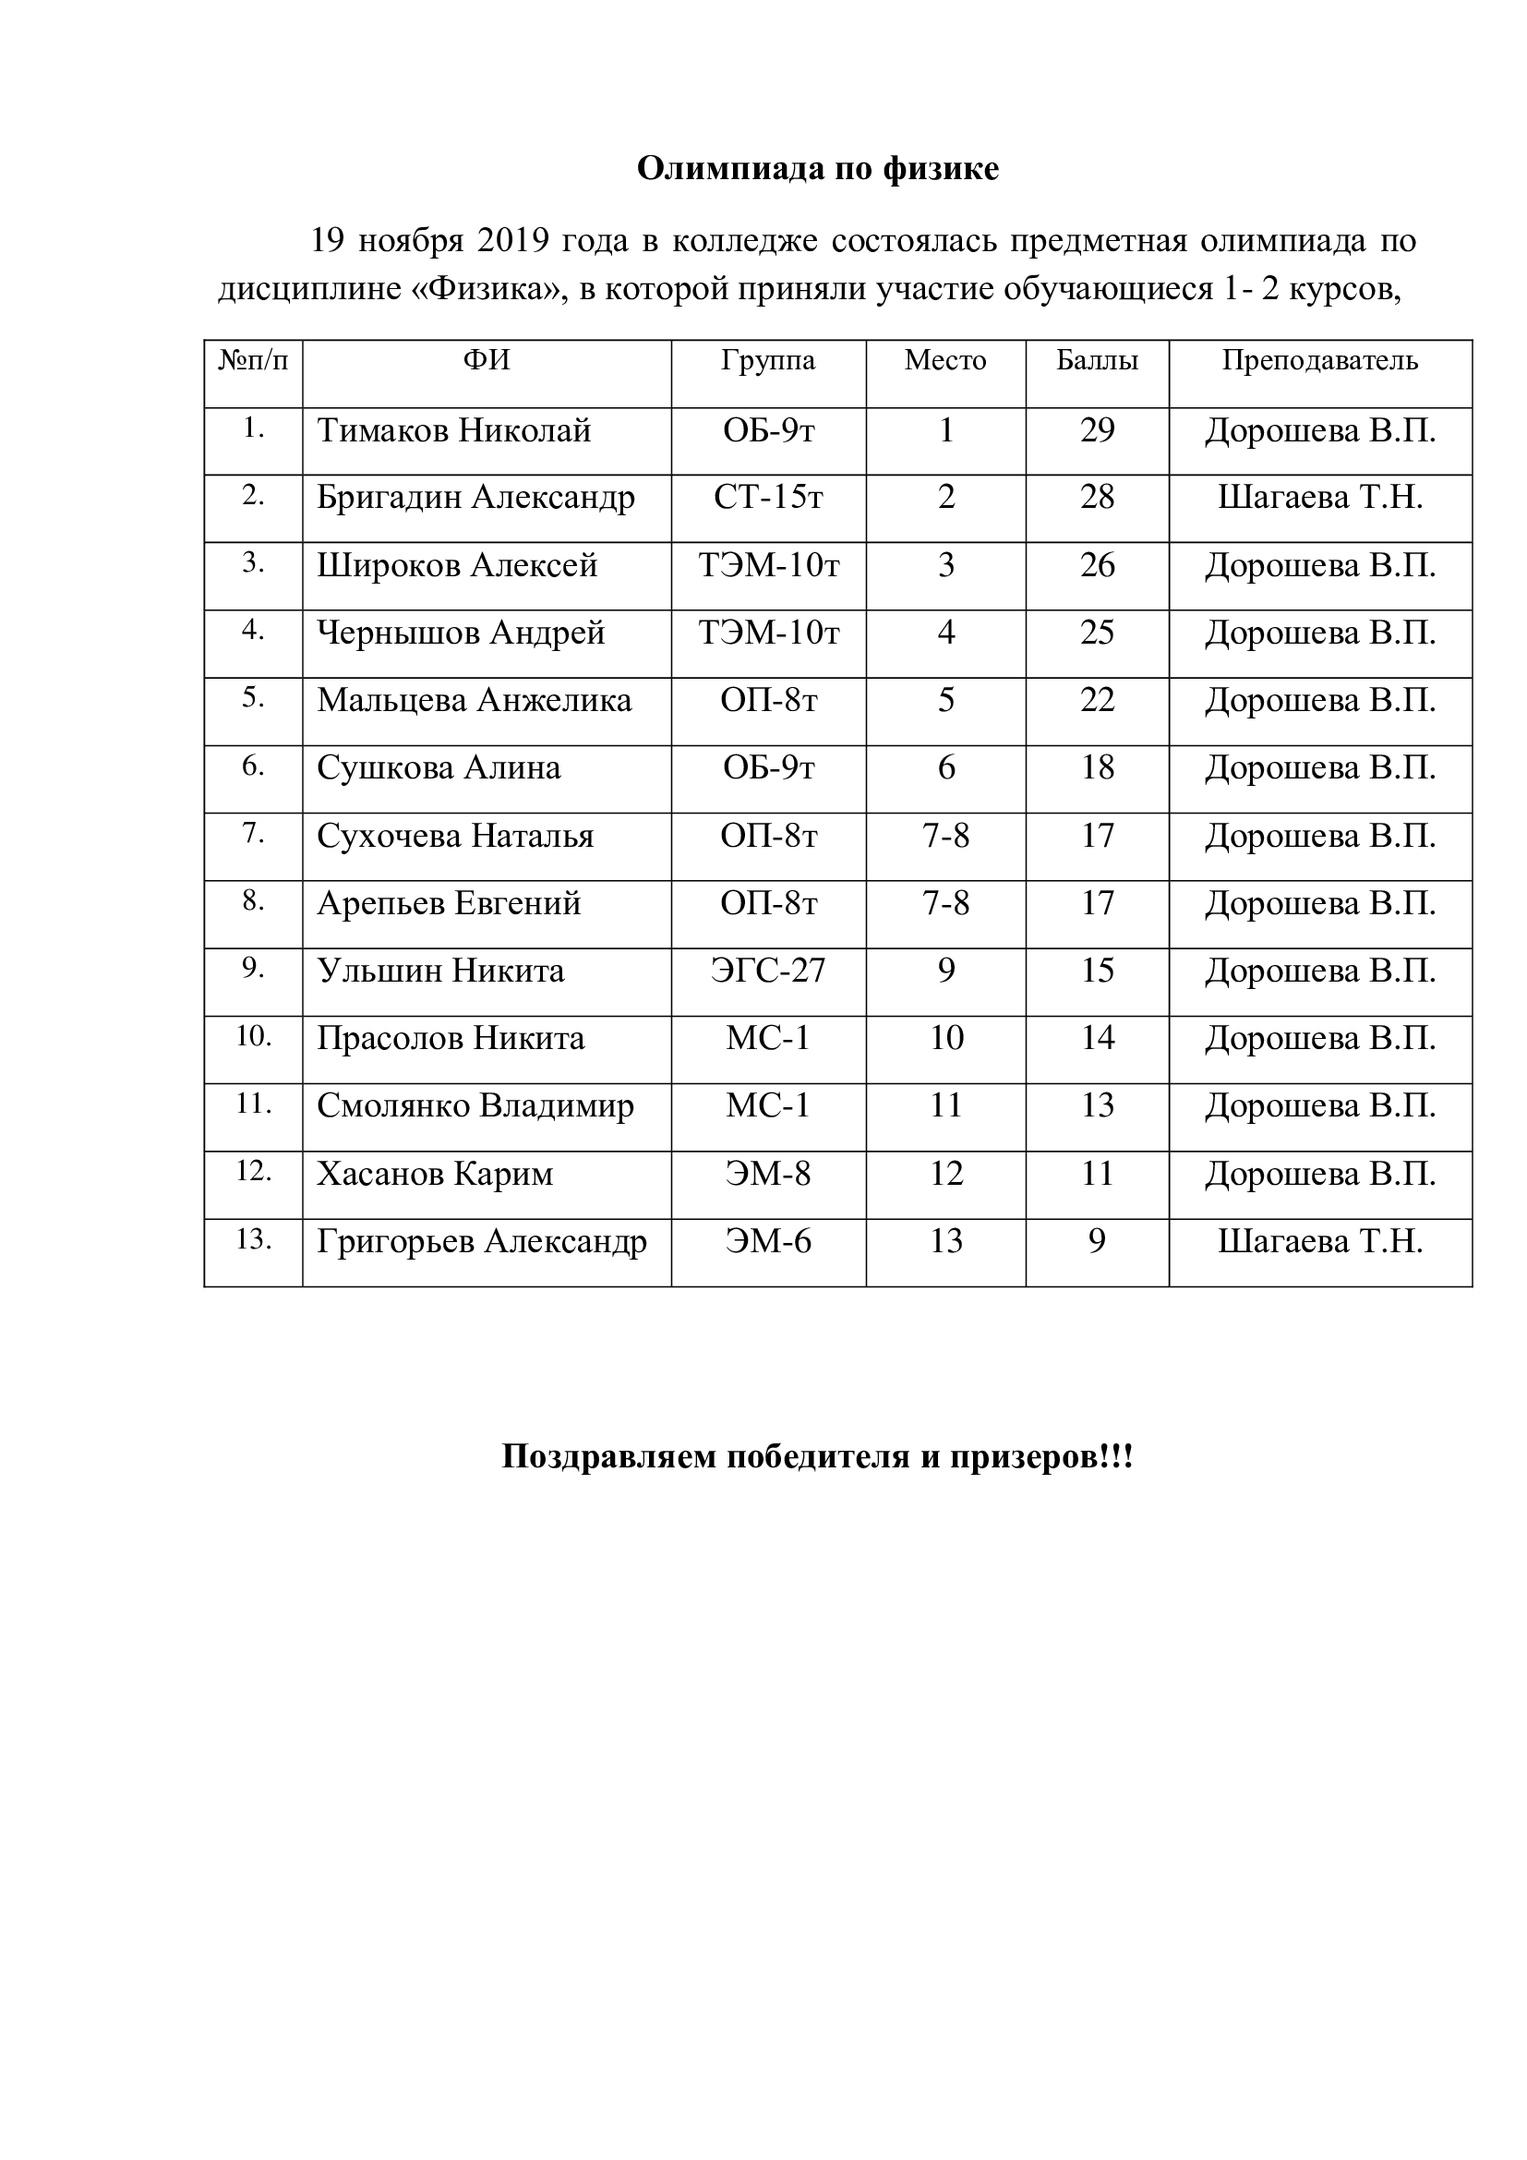 Олимпиада по физике .19.11.2019